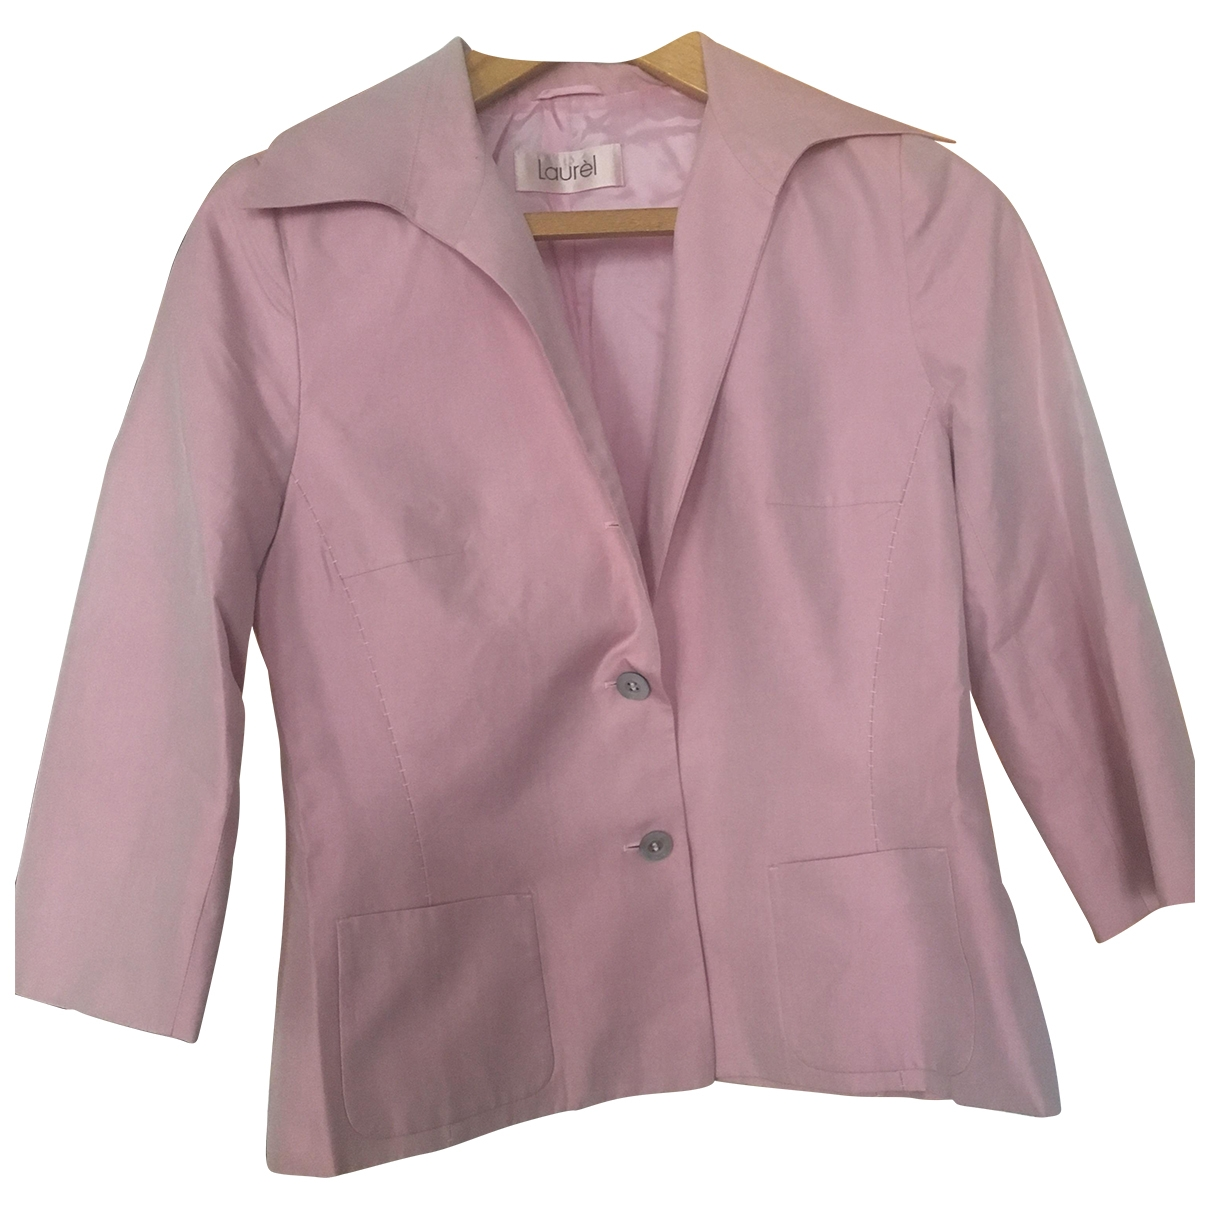 Laurel \N Pink Cotton jacket for Women 40 FR